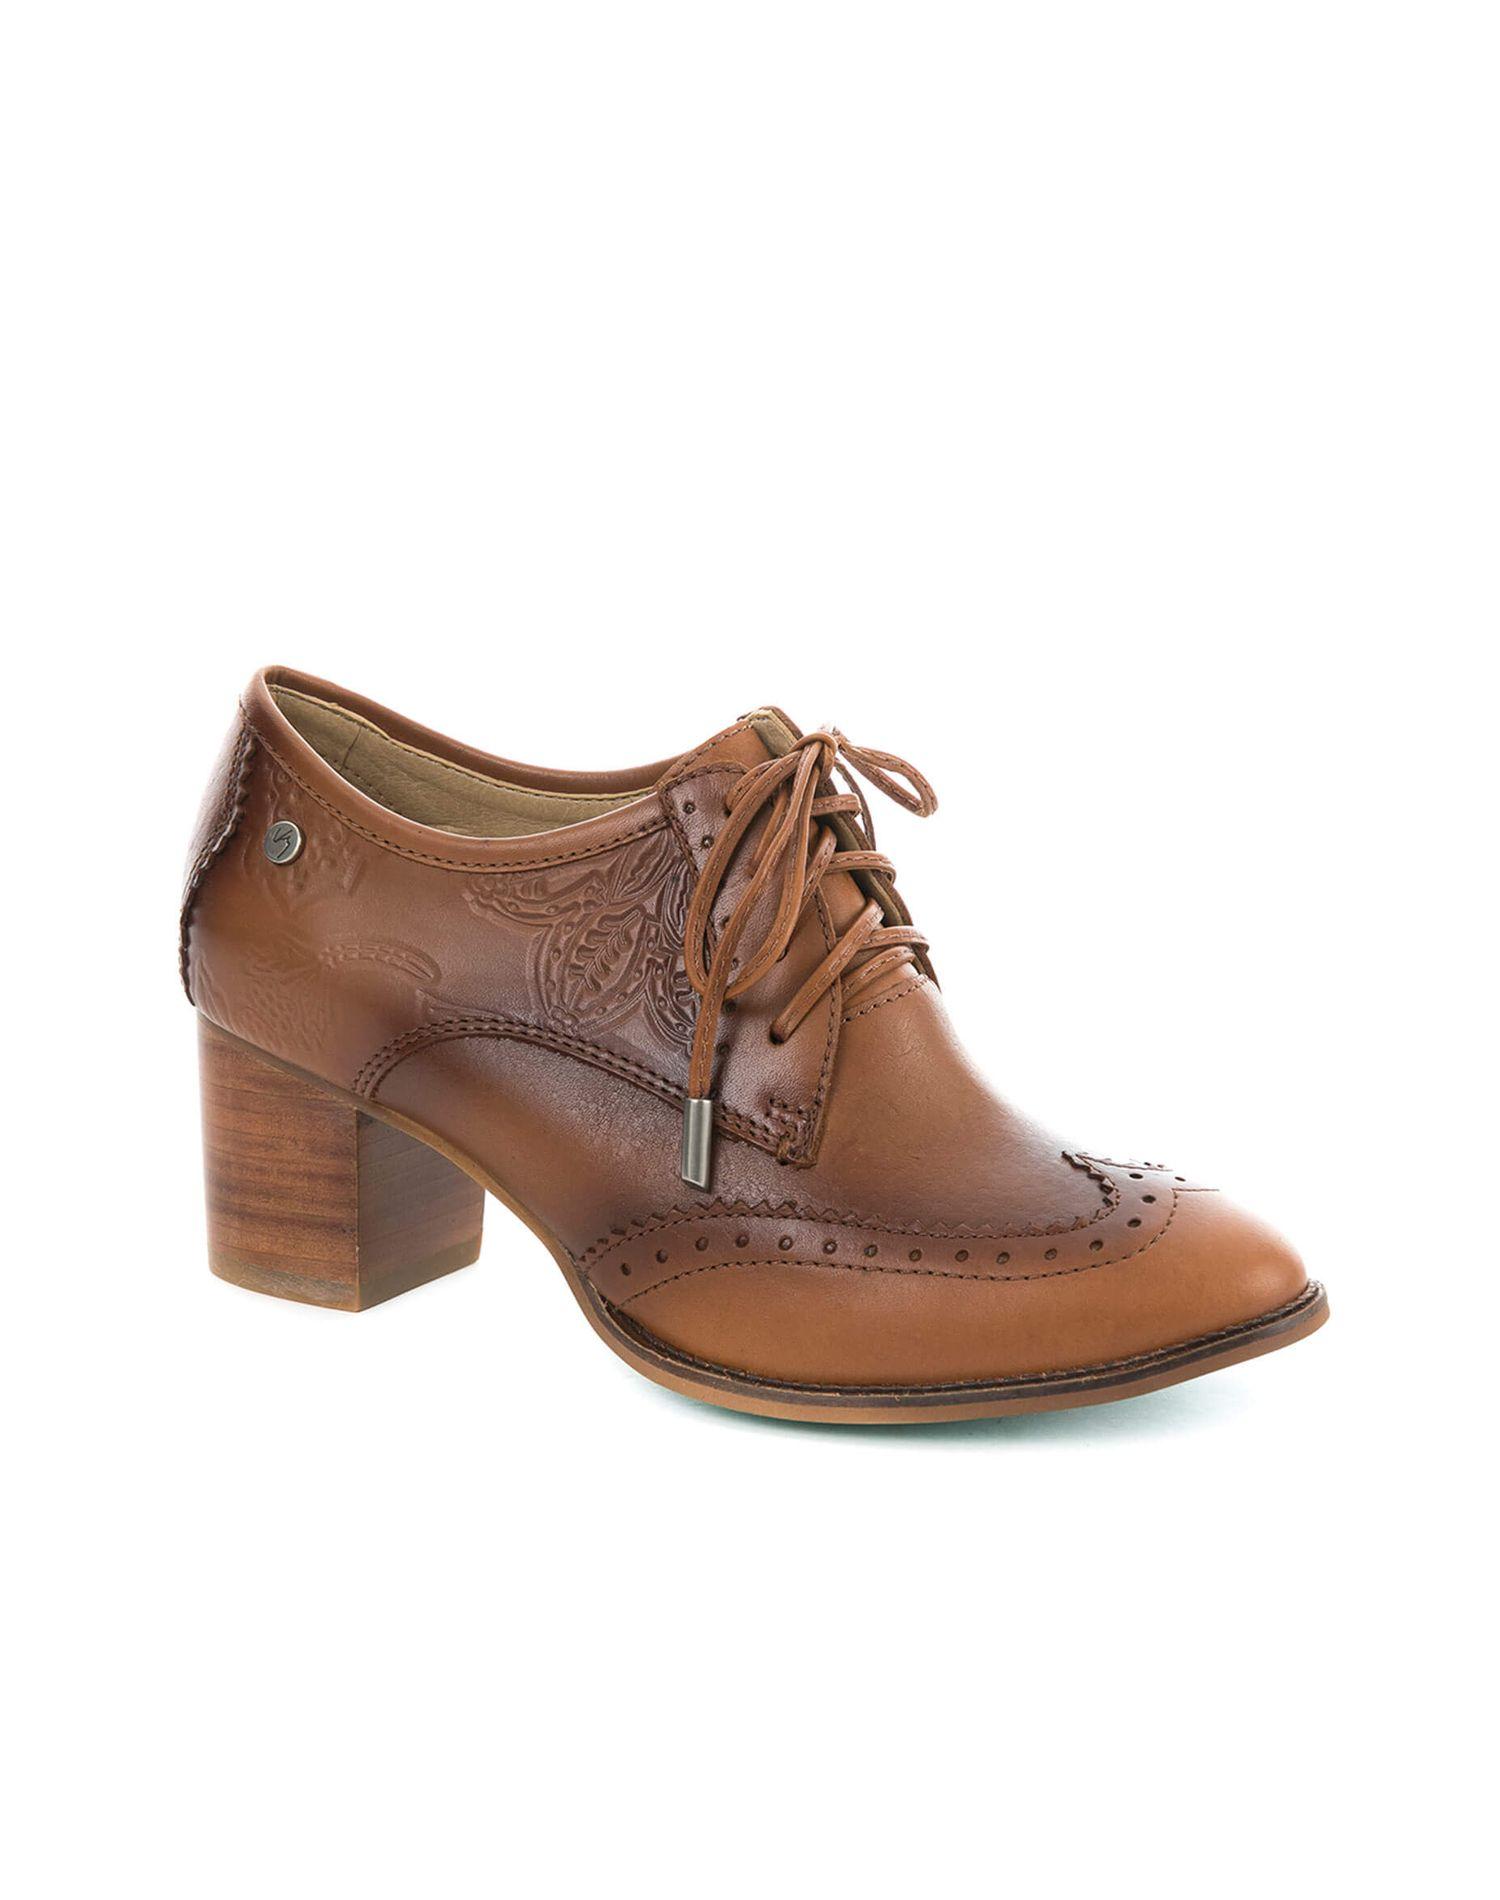 Zapatos de cuero con cordón para mujer 19089  264dae7f9f7a5